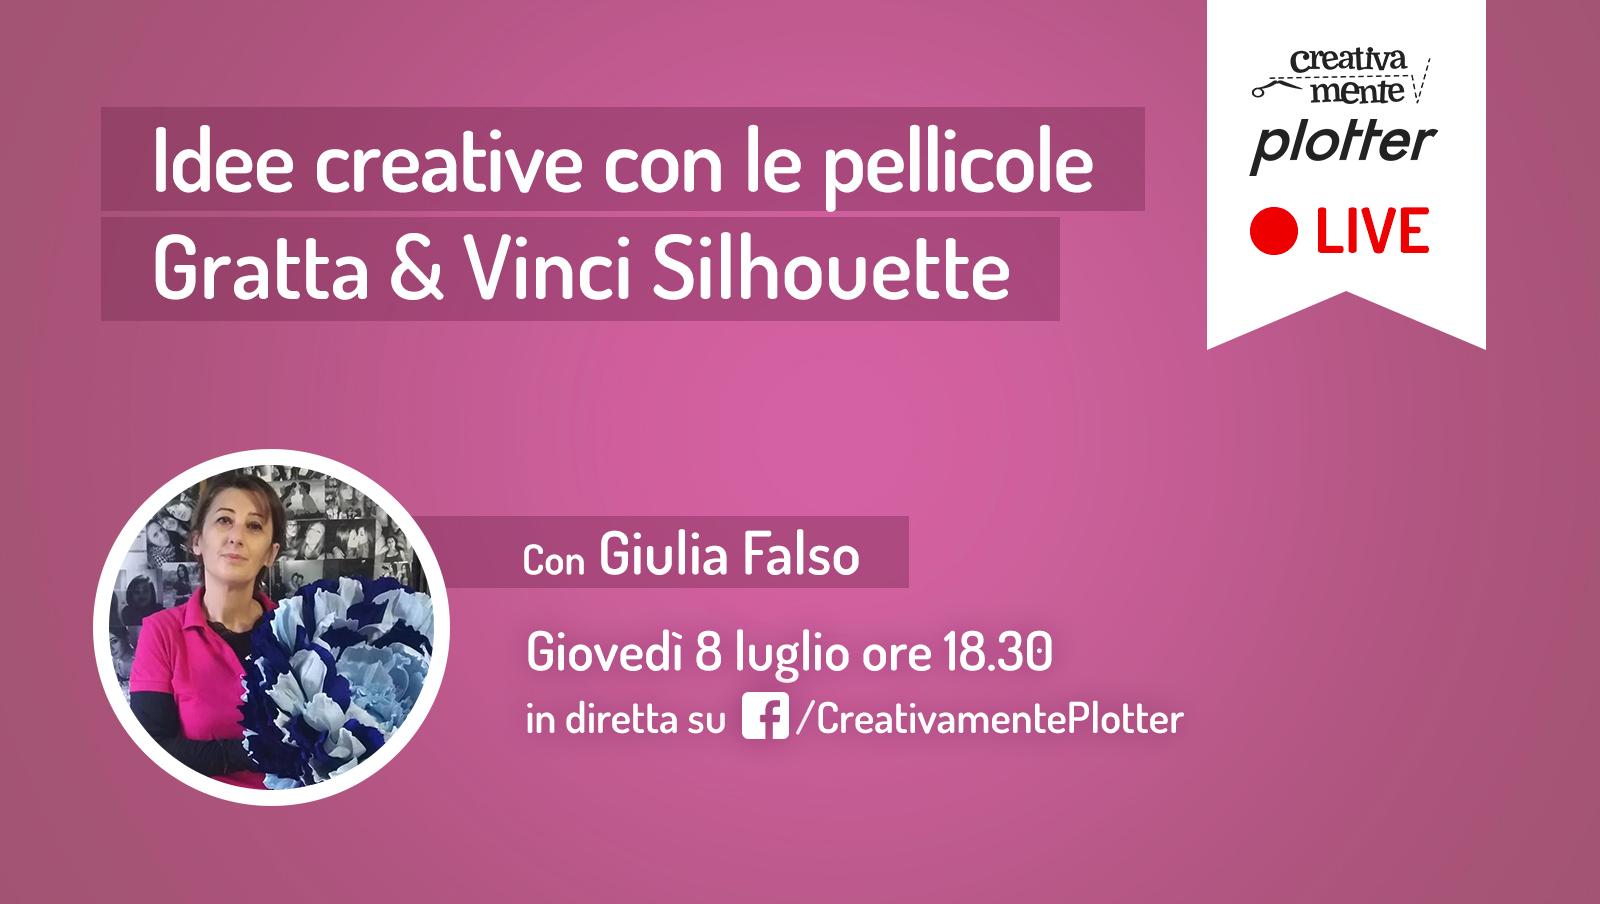 Diretta-Giulia-gratta vinci creativamente plotter